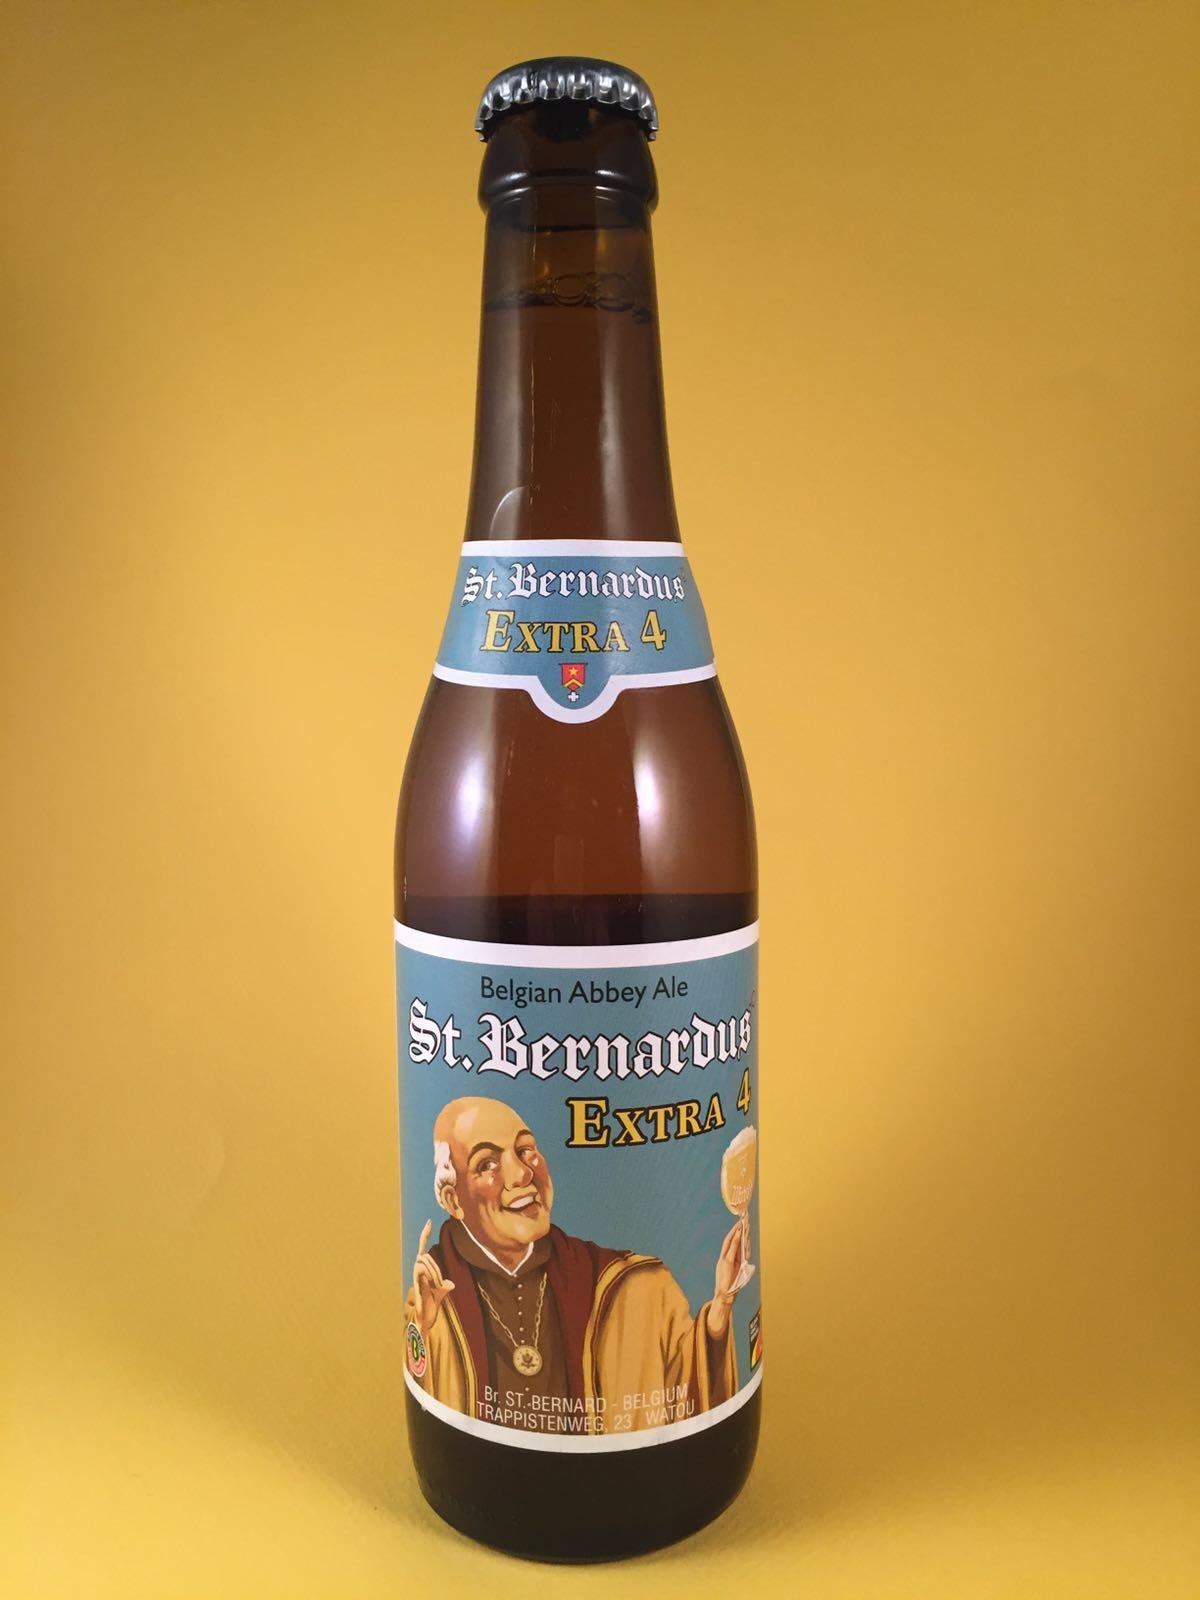 St. Bernardus Extra 4 Herkomst: Watou, België St. Bernardus heeft meerdere speciaalbieren maar de Extra 4 is bijzonder omdat zij dit bier niet voor verkoop gebruiken maar eigenlijk alleen maar voor eigen consumptie van de paters in de abdij. Het bier is gebalanceerd in zijn smaak en heeft geen uitspattingen naar zuur of bitter. Het bier heeft een percentage van 5,4% en een nagisting op de fles. Serveeradvies tussen de 6 en 10 graden.